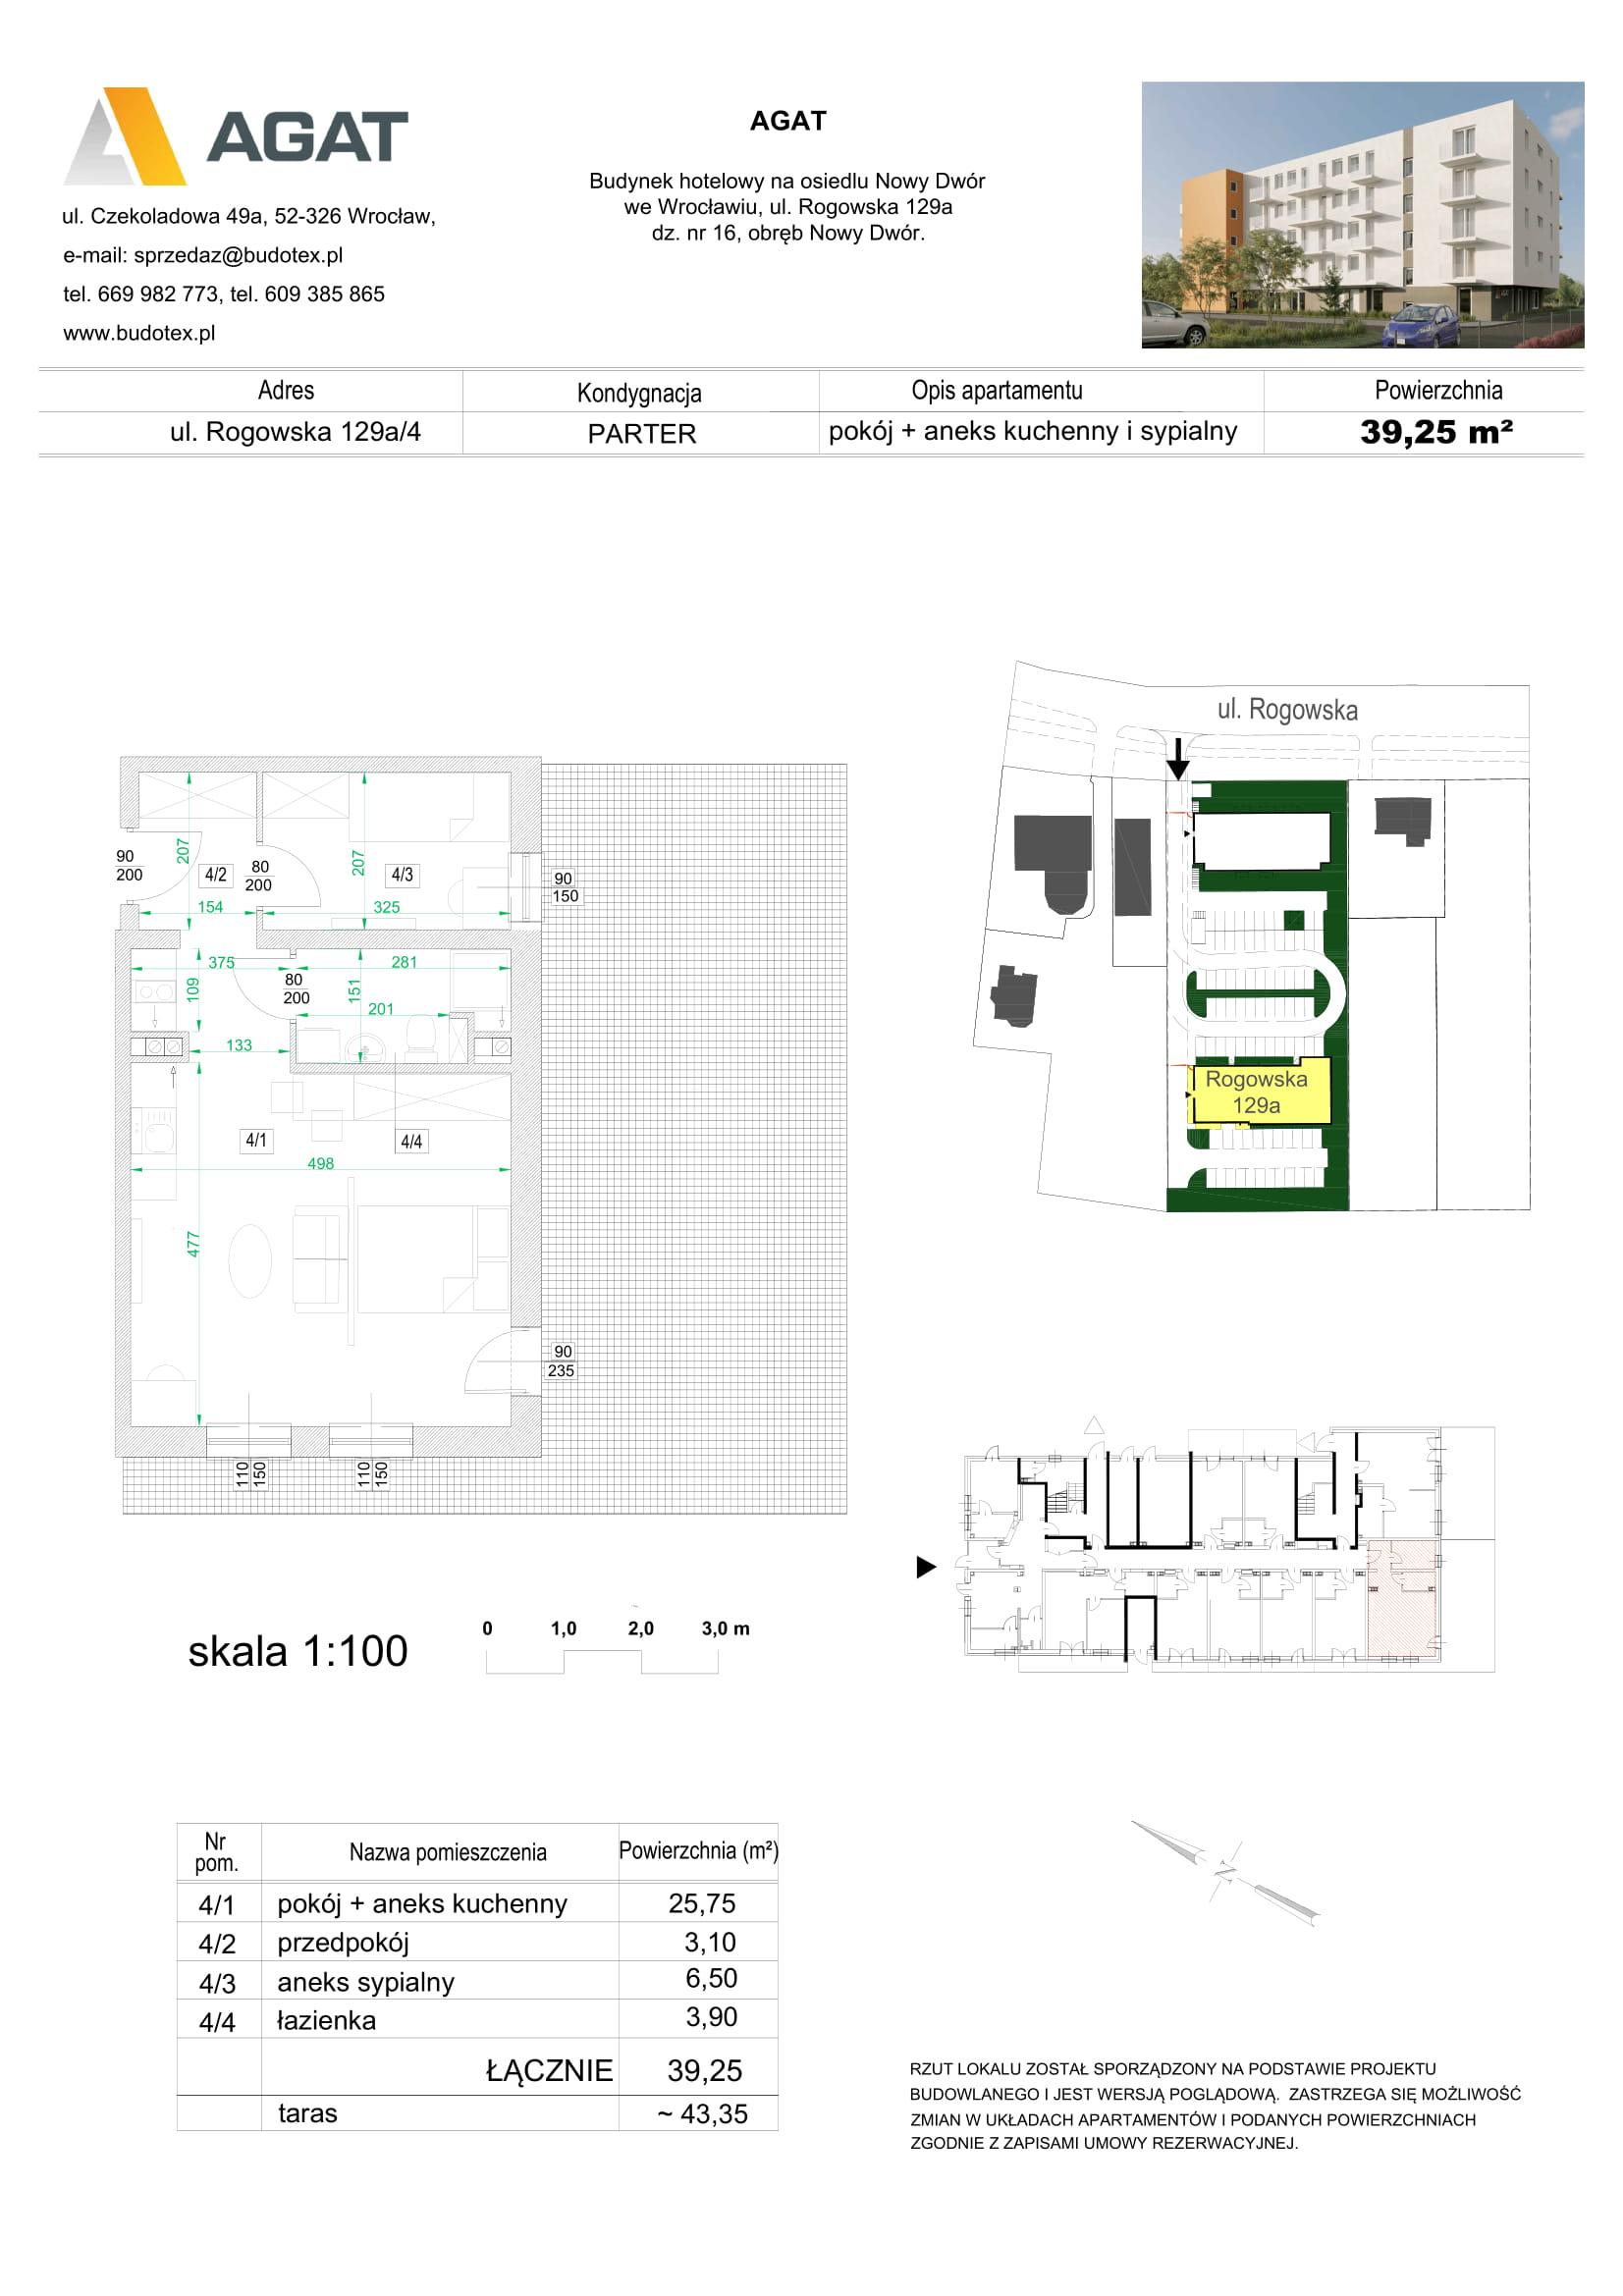 Mieszkanie nr 4